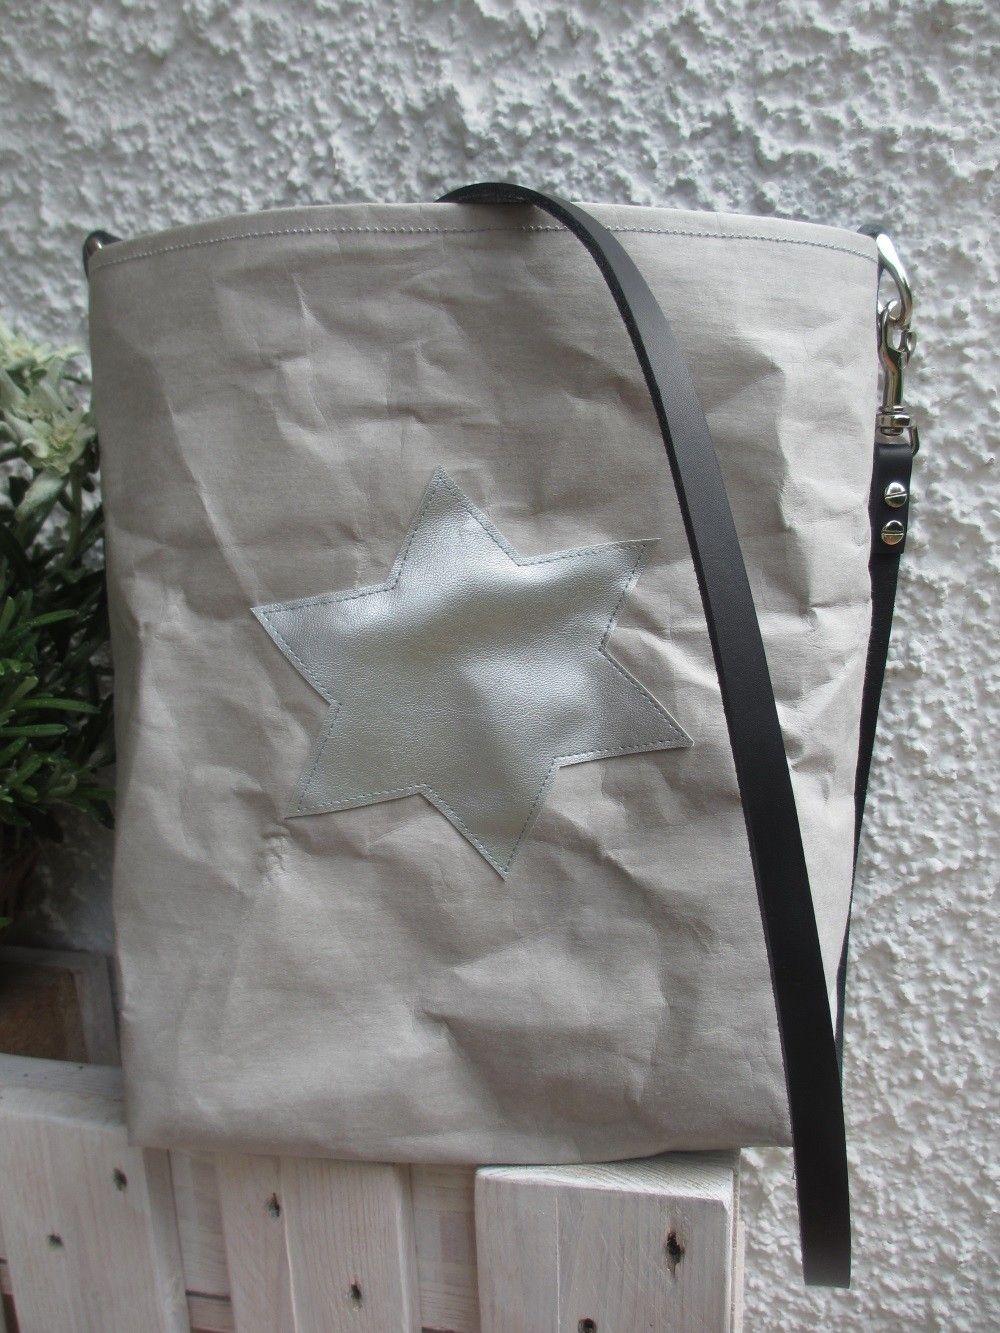 snappap tasche mit origami ecken und sternapplikation diy projekte taschen n hen taschen. Black Bedroom Furniture Sets. Home Design Ideas